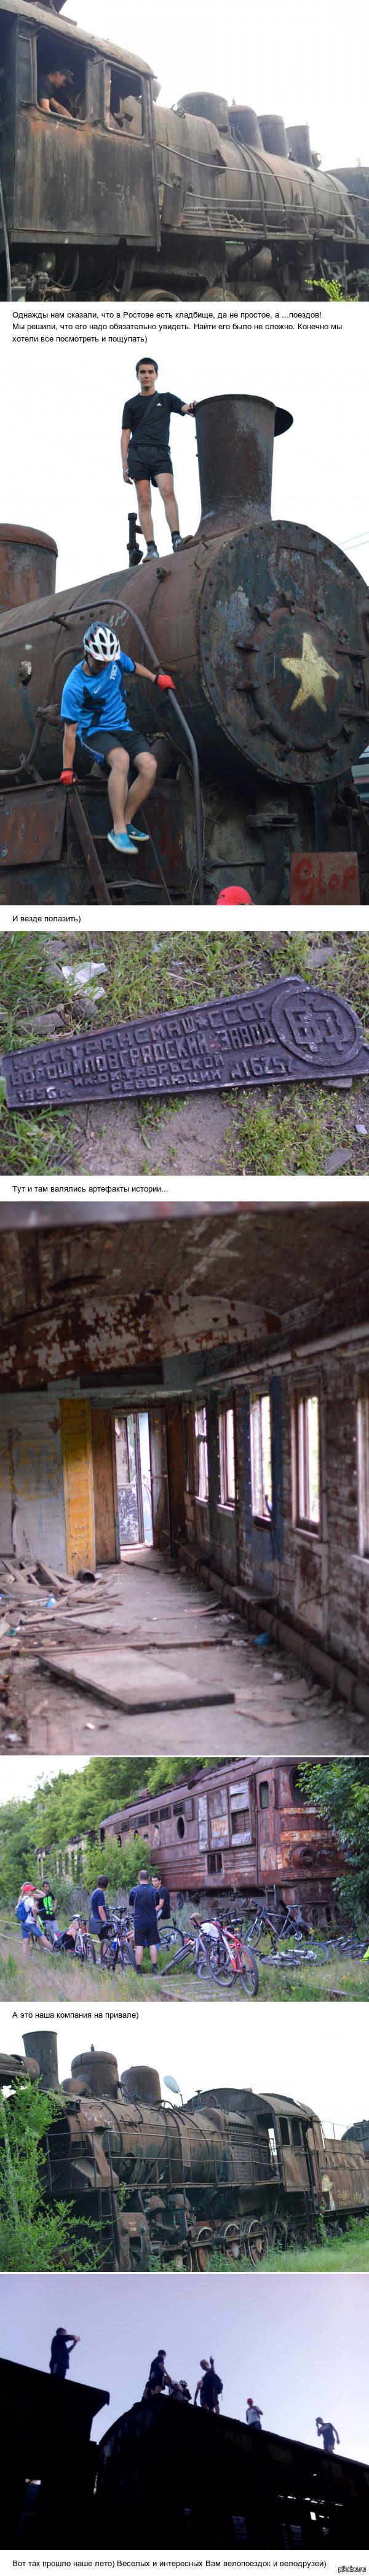 Кладбище поездов Велопокатушки по интересным местам.